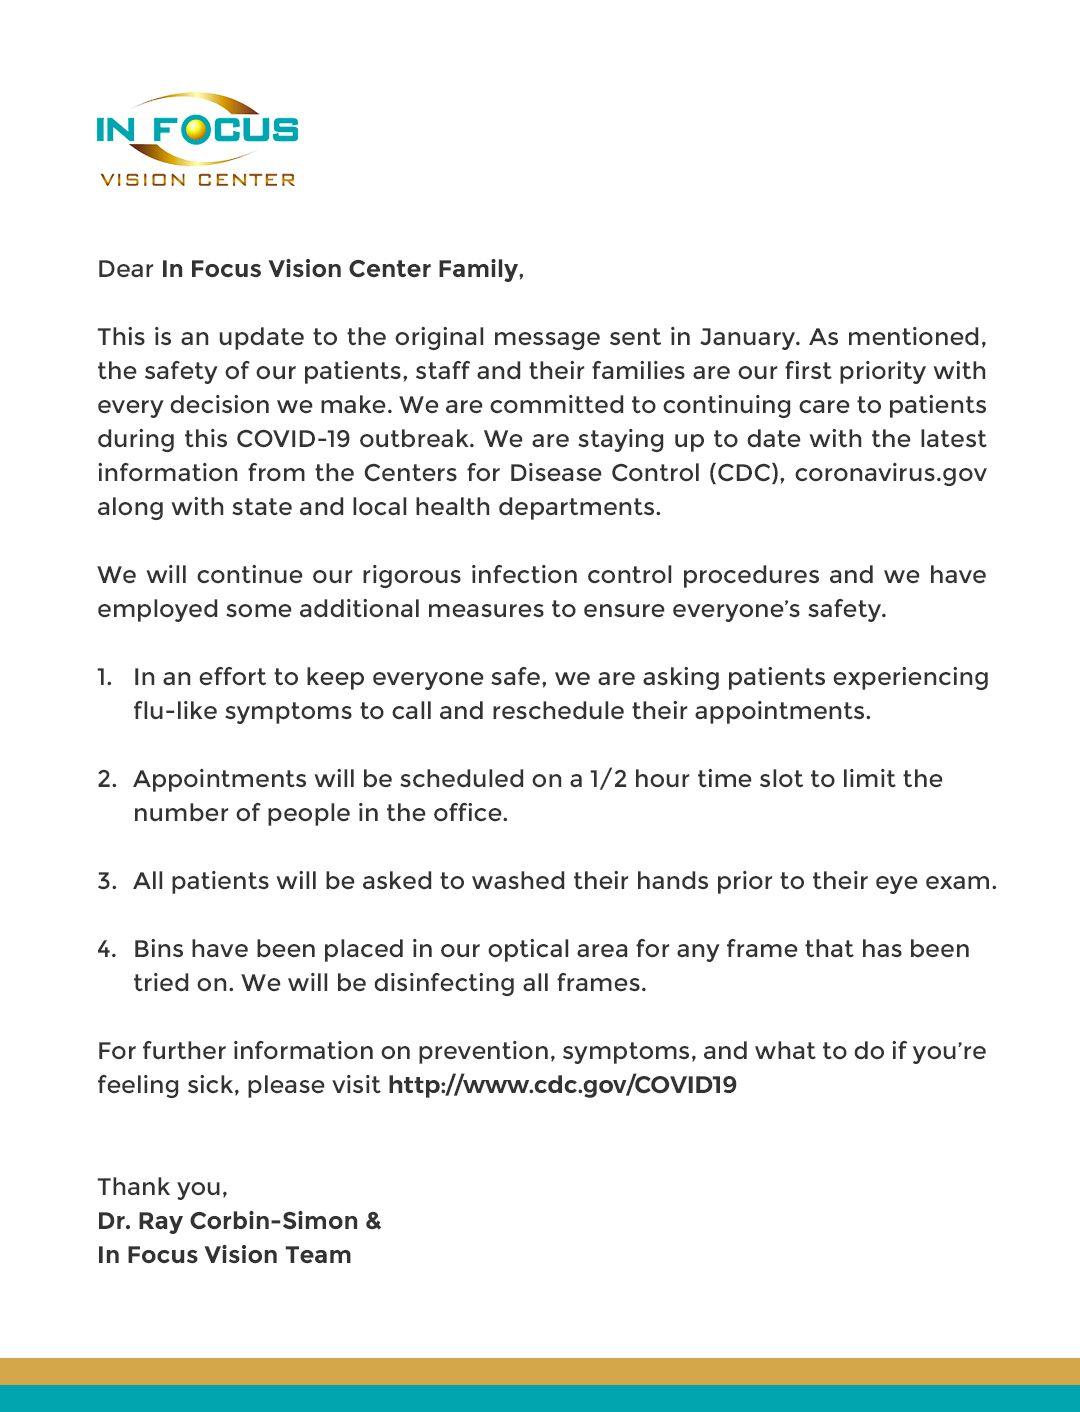 Message from Dr. Ray Corbin- Simon regarding COVID-19